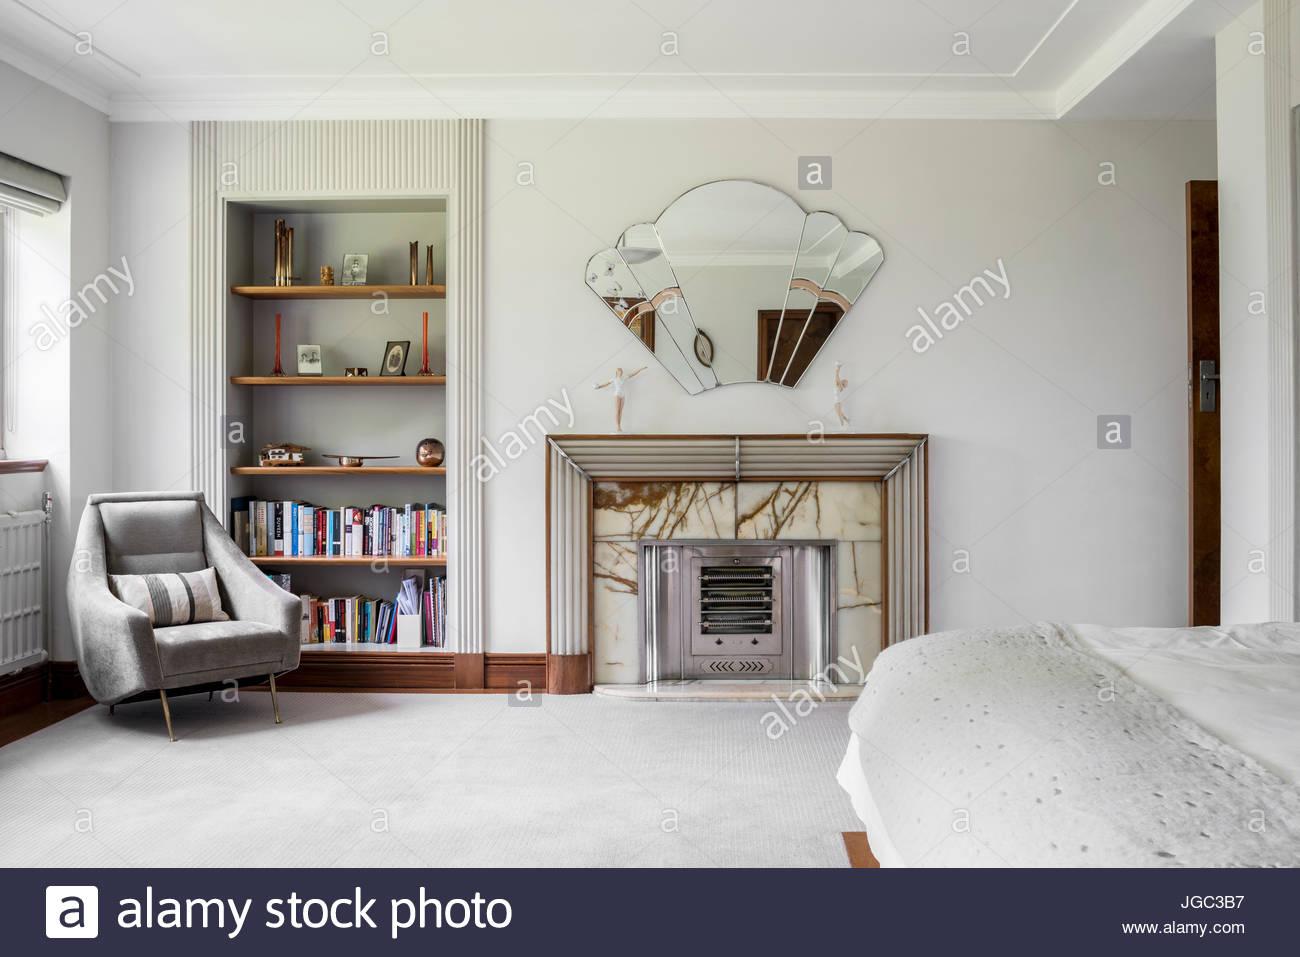 Camera Da Letto Grigio Chiaro : Grigio chiaro poltrona e scaffali accanto a art deco camino e lo